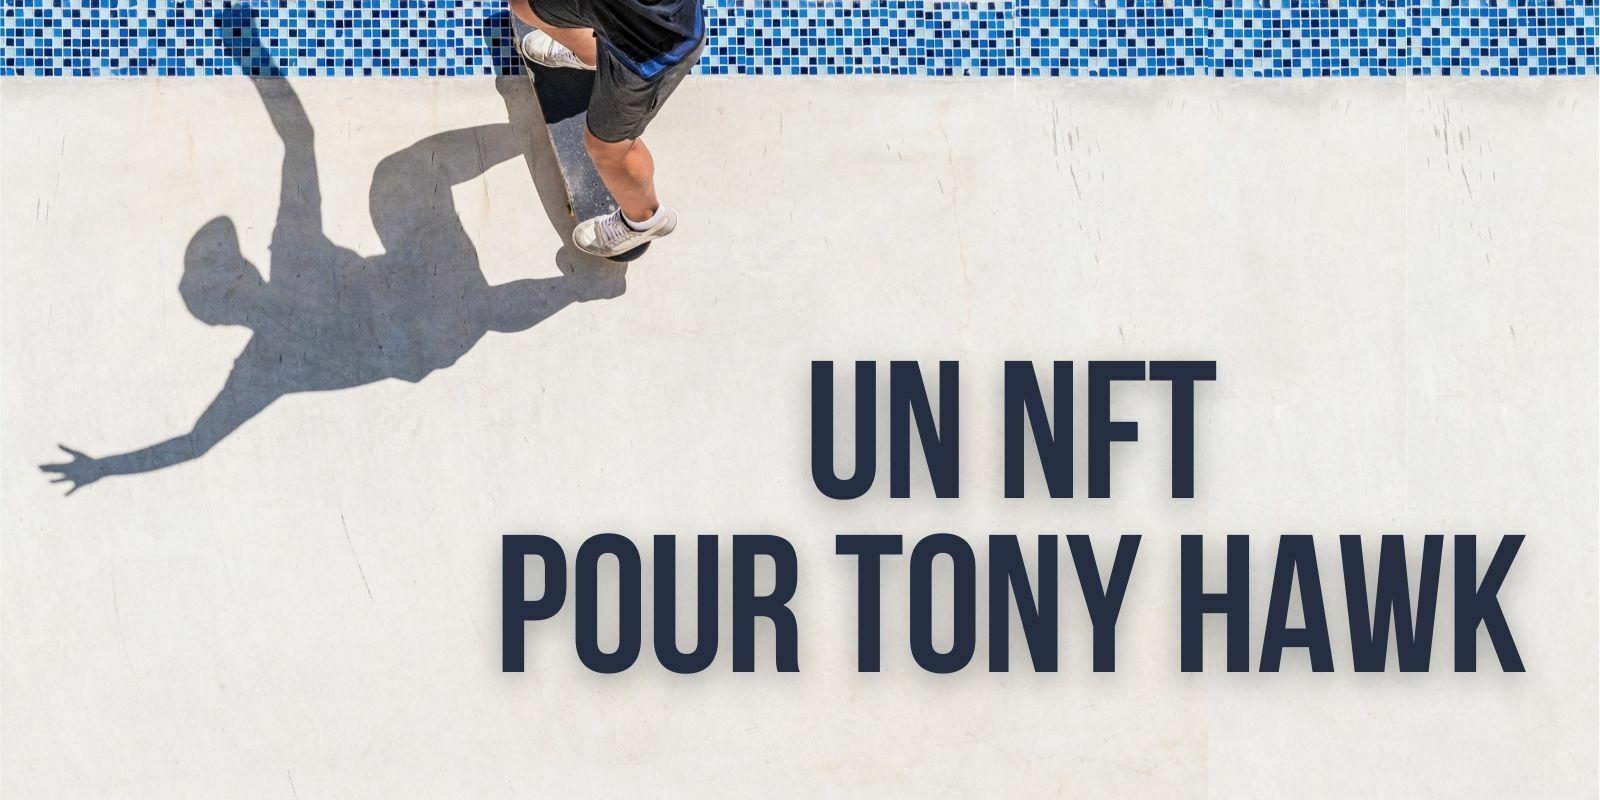 Tony Hawk propose son dernier «540» sous forme de NFT